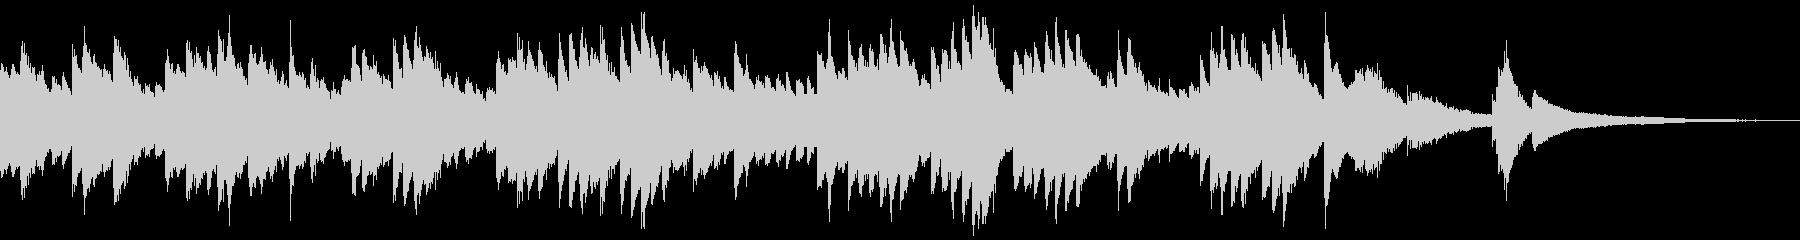 シンプルなピアノのゲームオーバーの未再生の波形